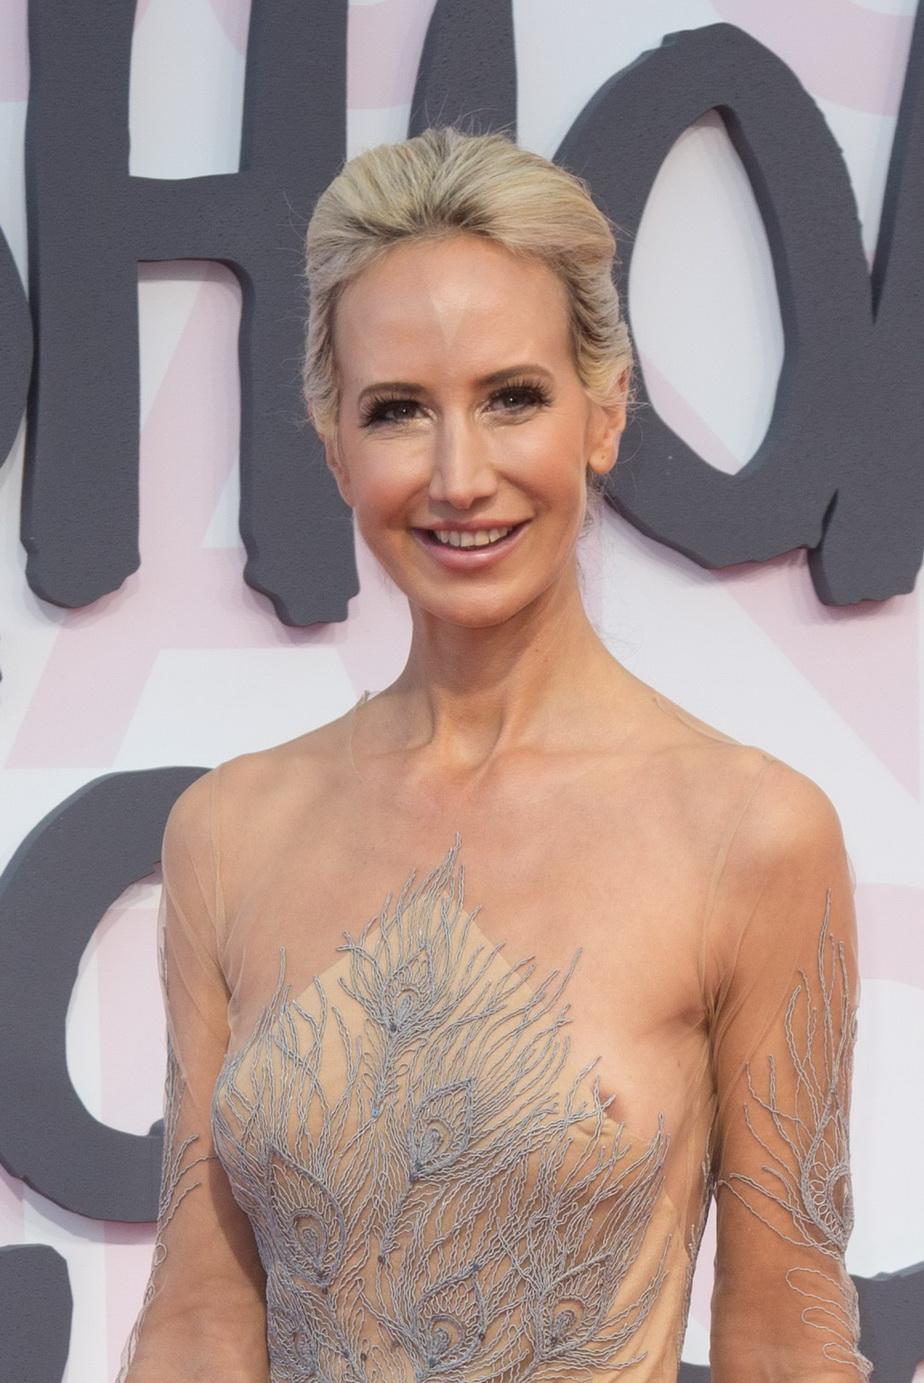 GALERIE FOTO Are 41 de ani şi s-a afişat pe covorul roşu într-o rochie transparentă. Arată fabulos!